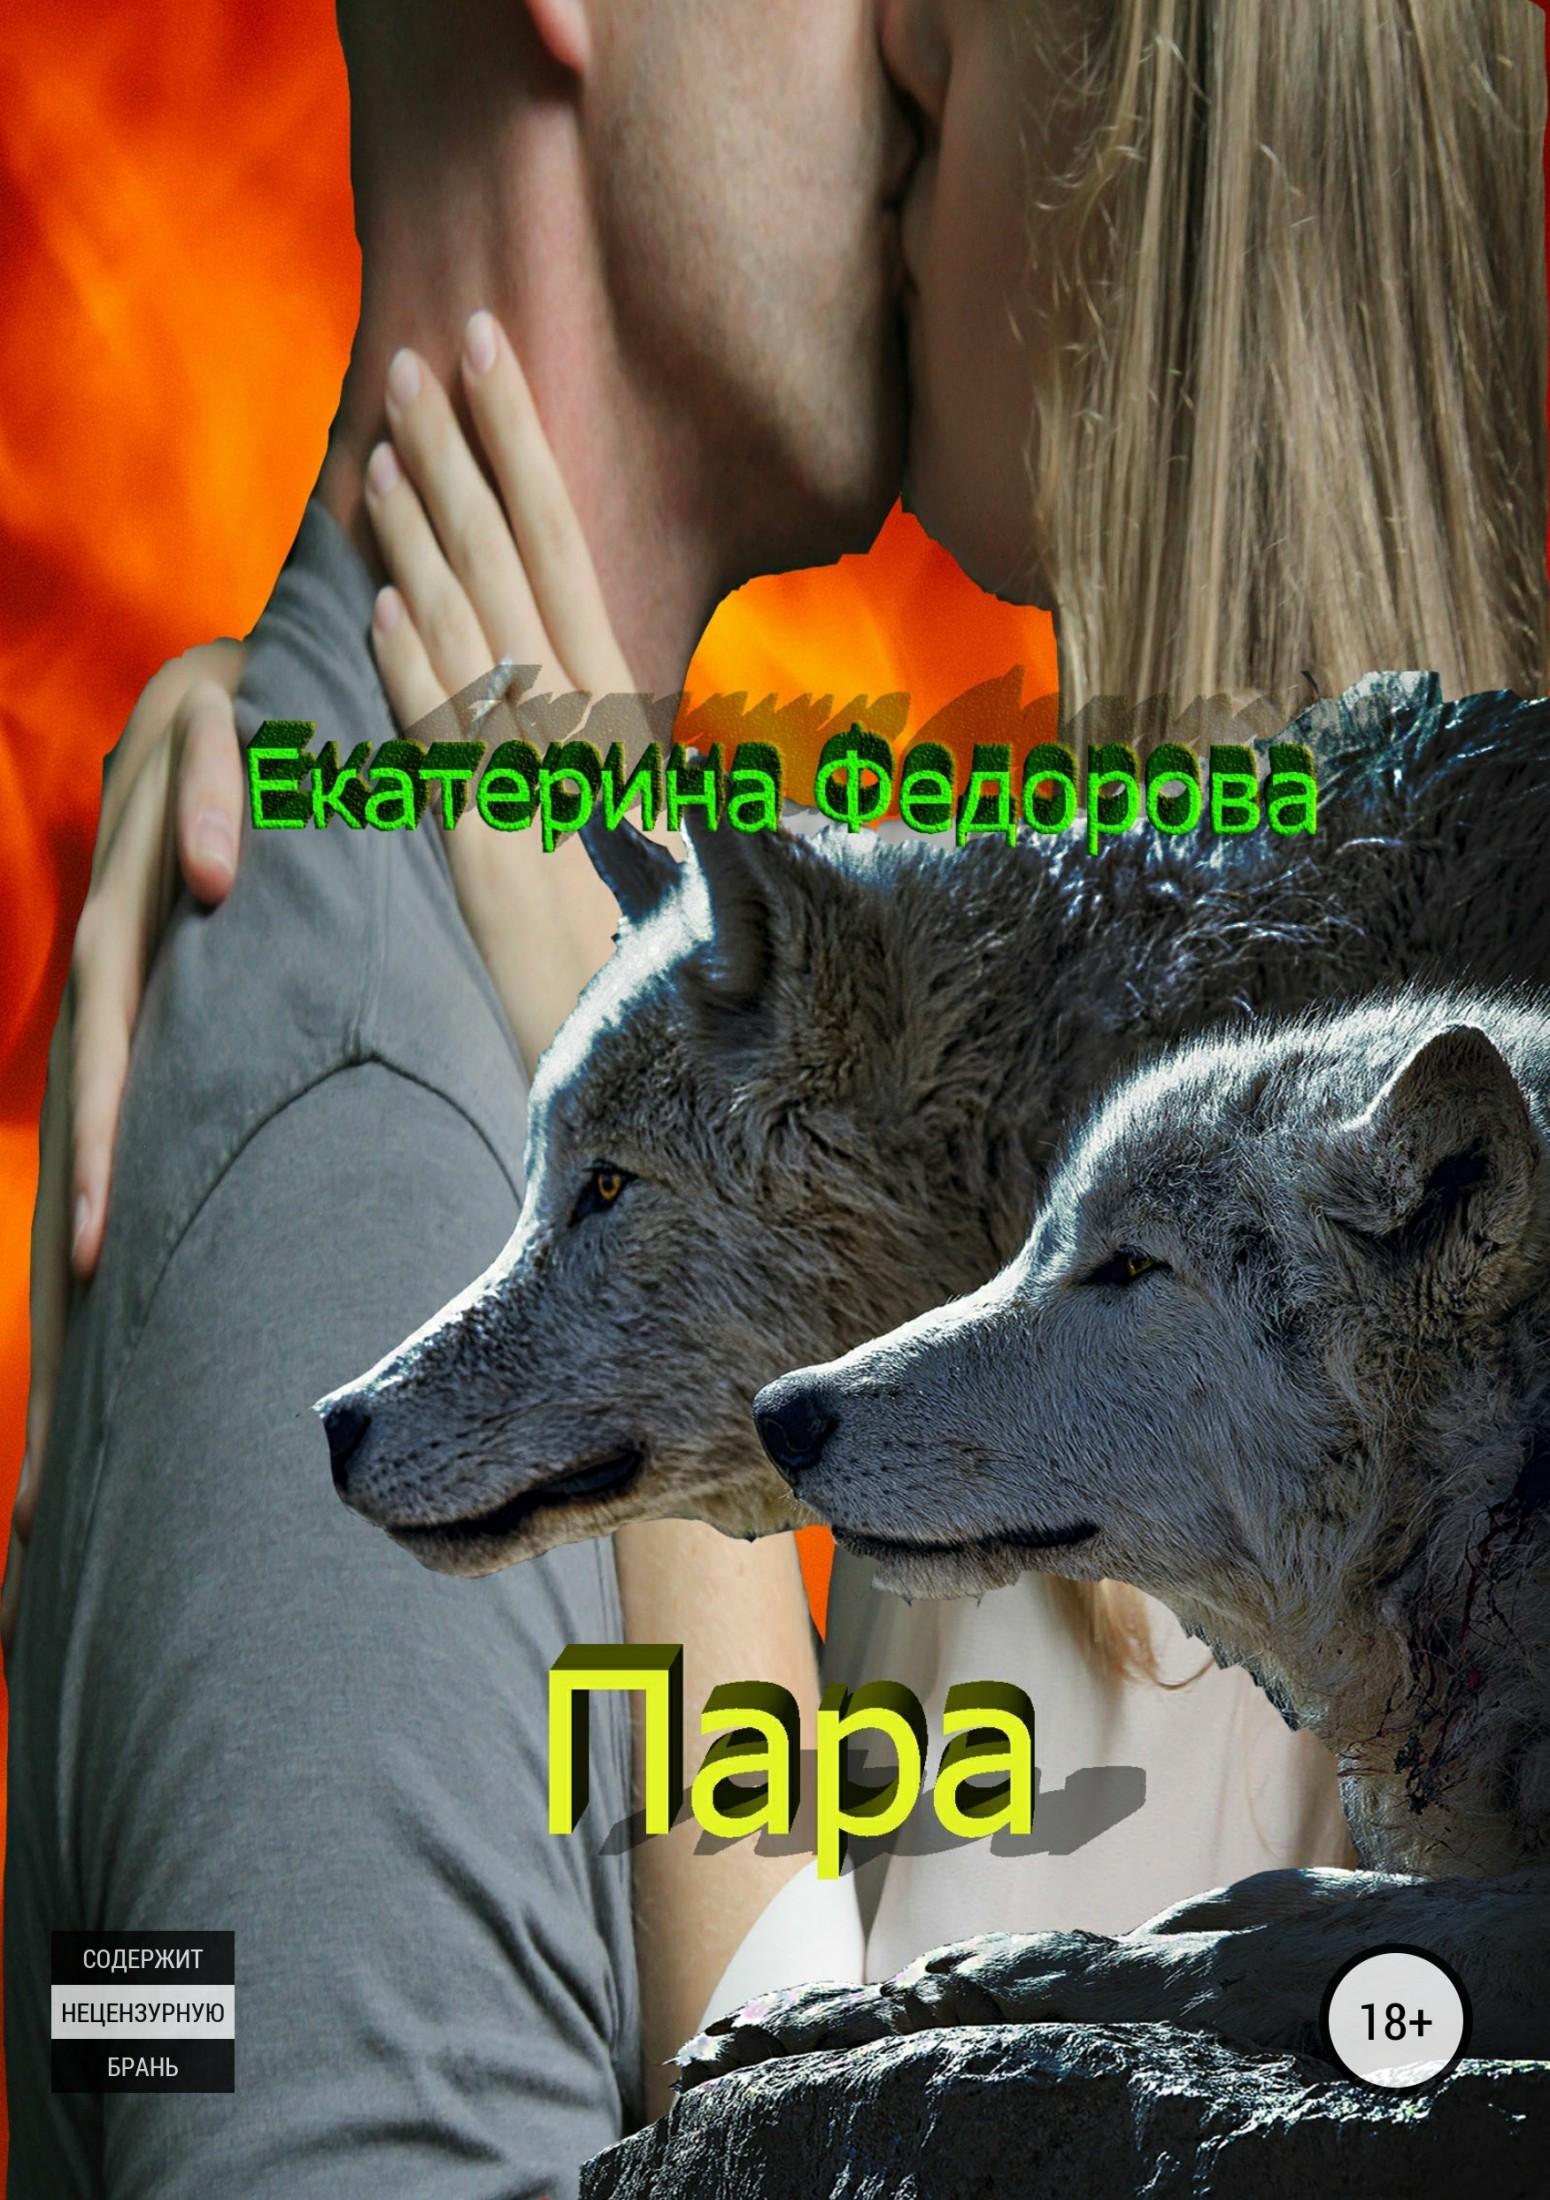 Екатерина Владимировна Федорова Пара екатерина владимировна федорова пробуждение зверя